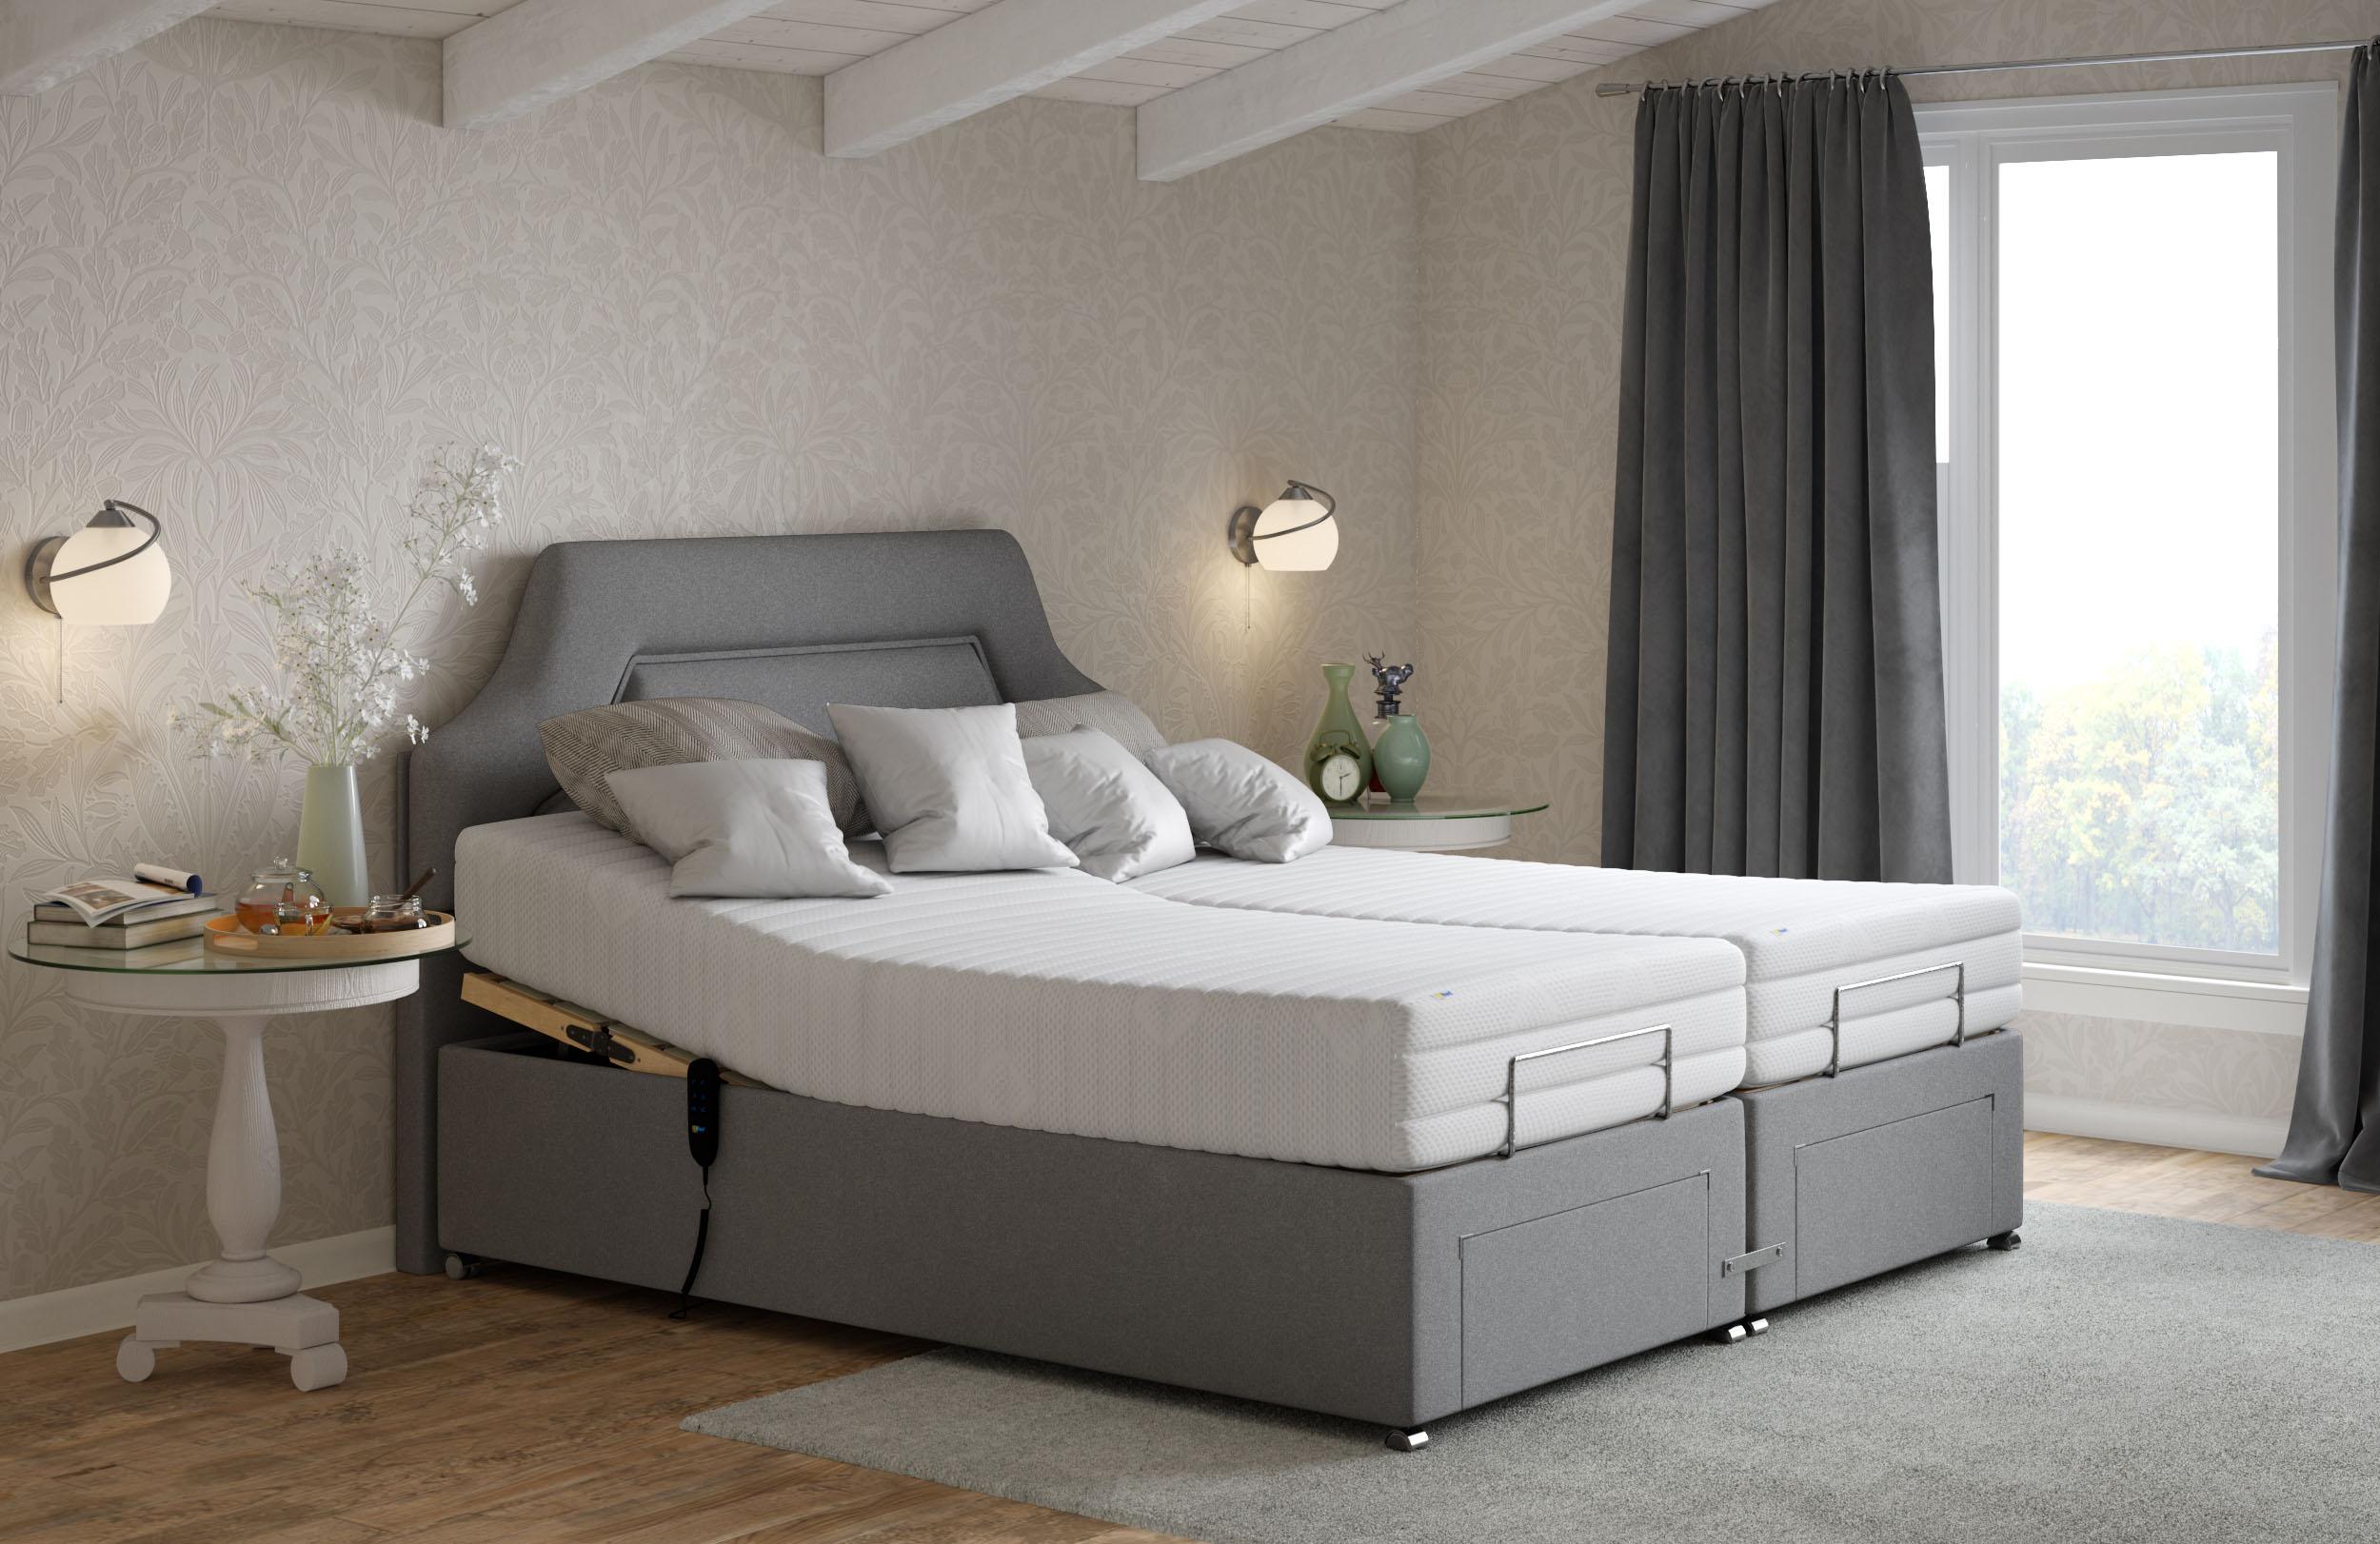 adjustable beds Melbourne